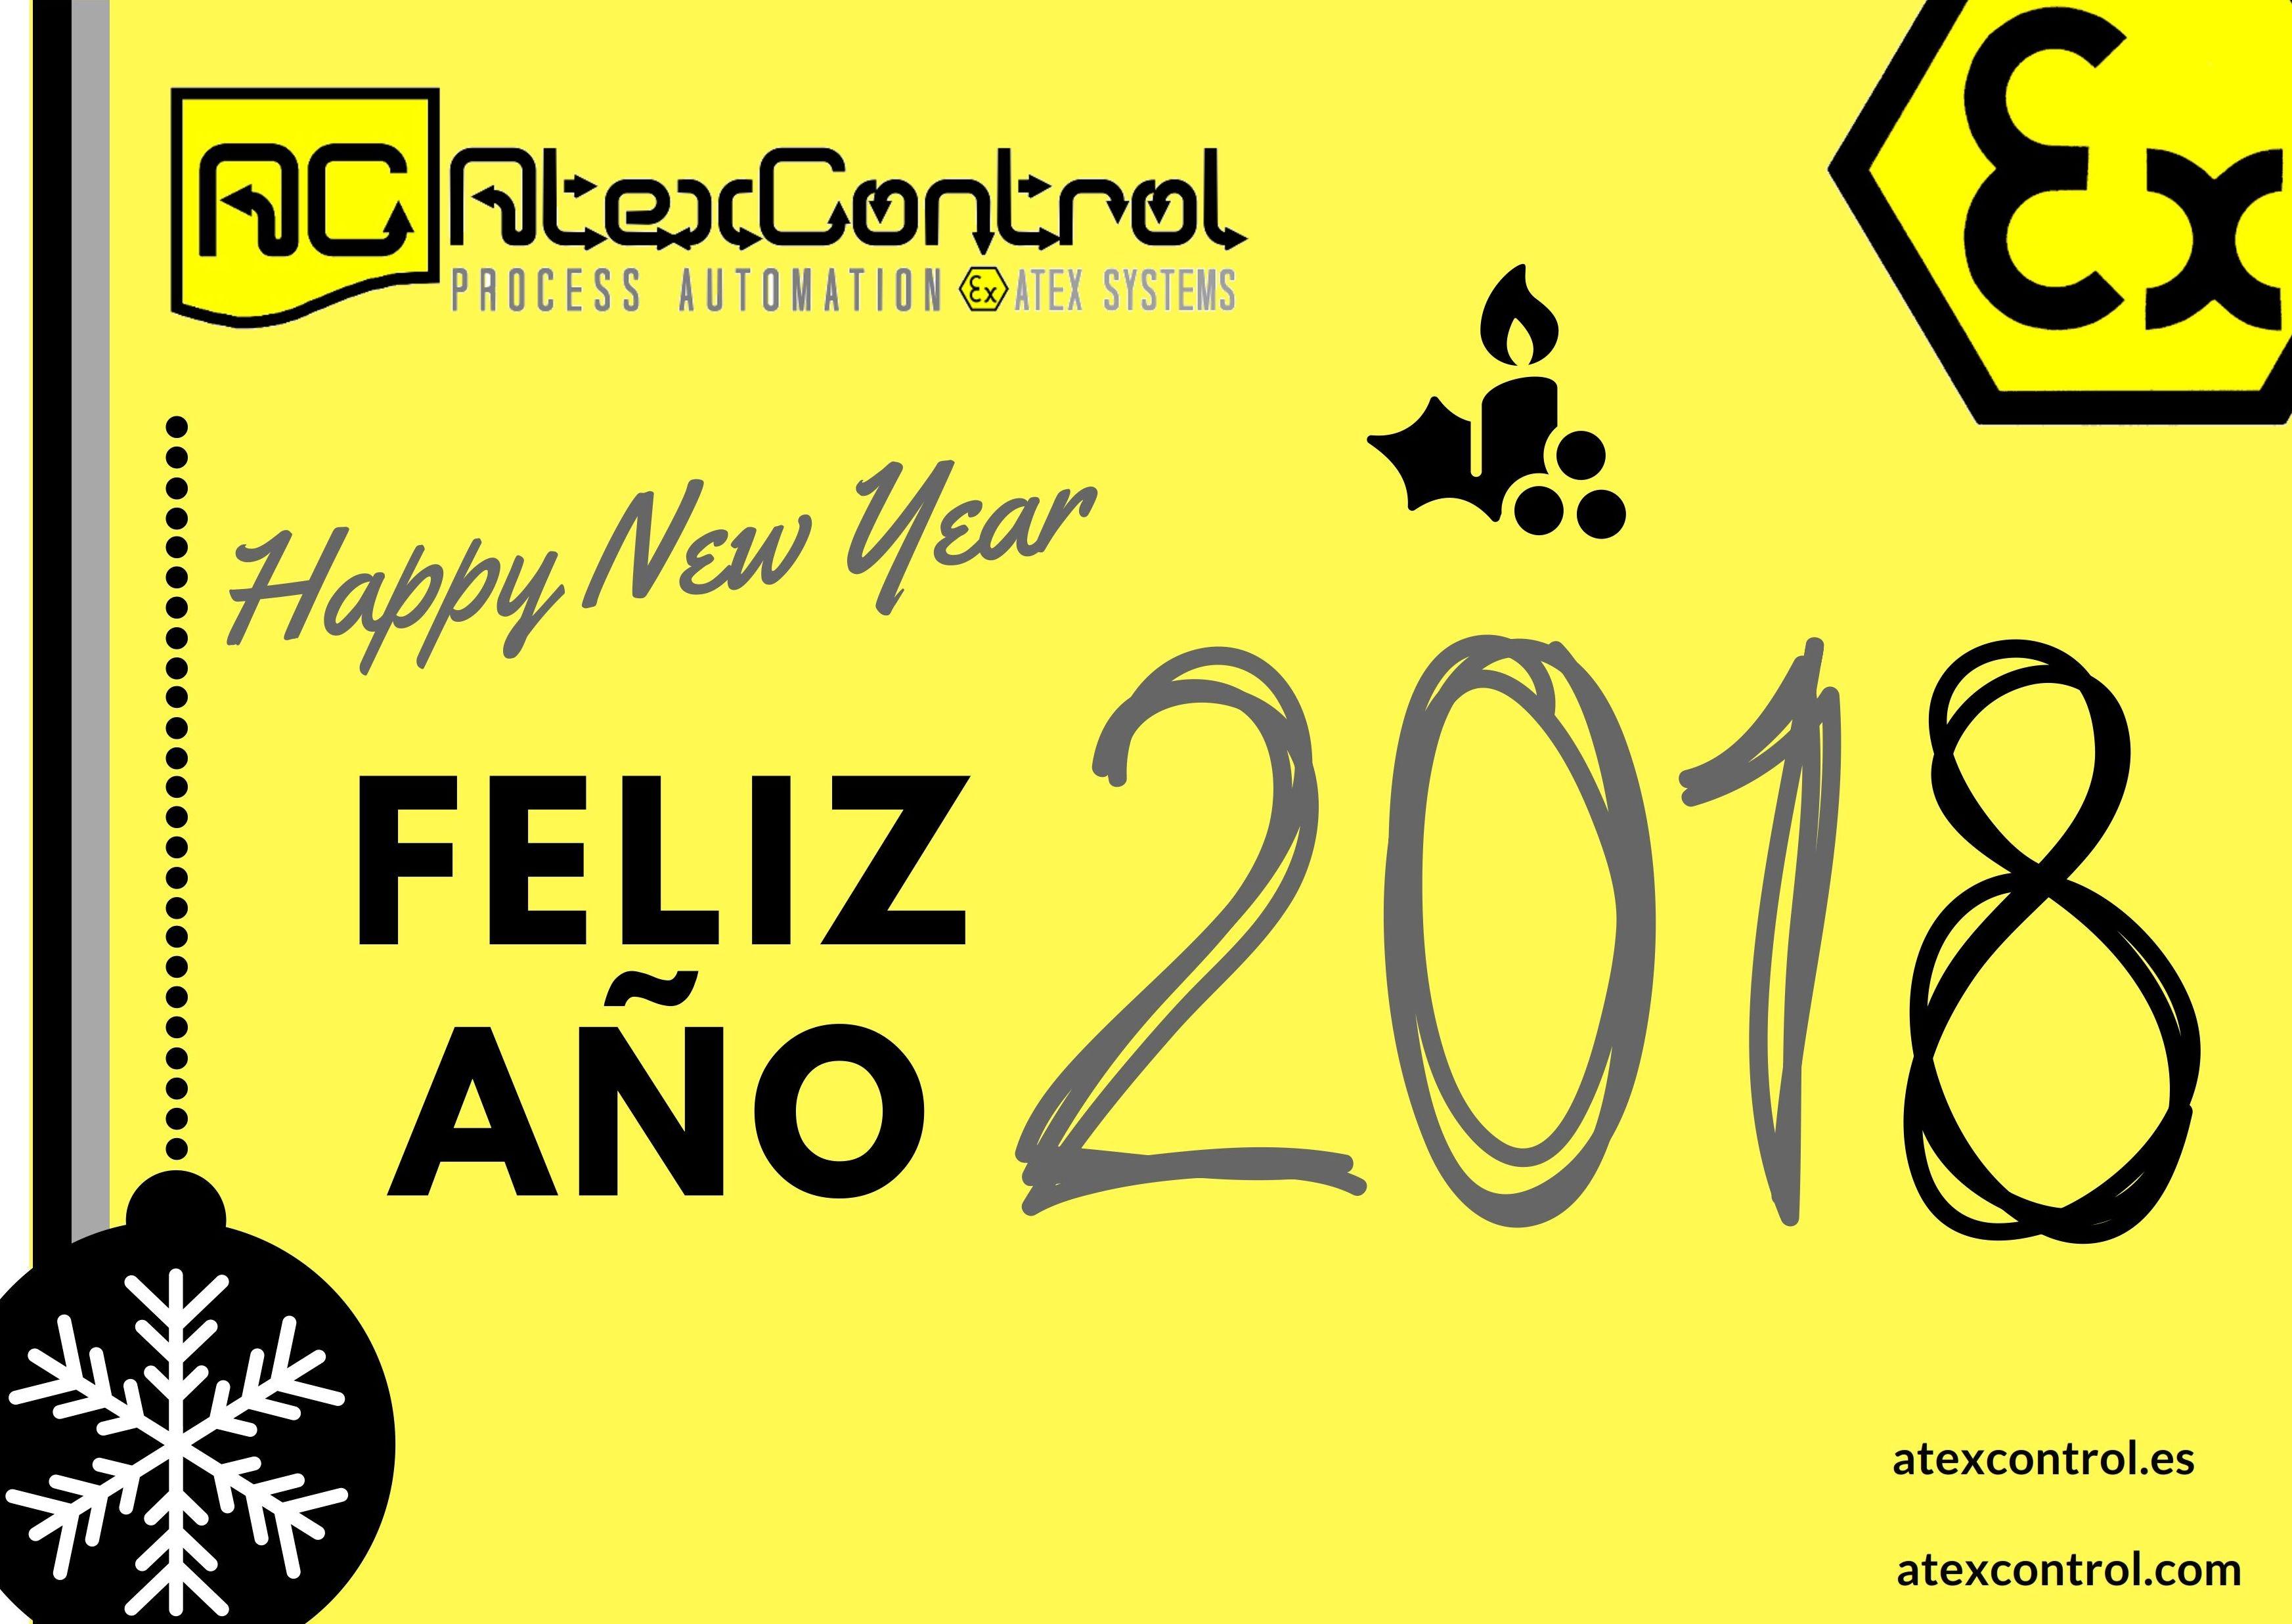 El equipo de ATExControl les desea un Feliz 2018